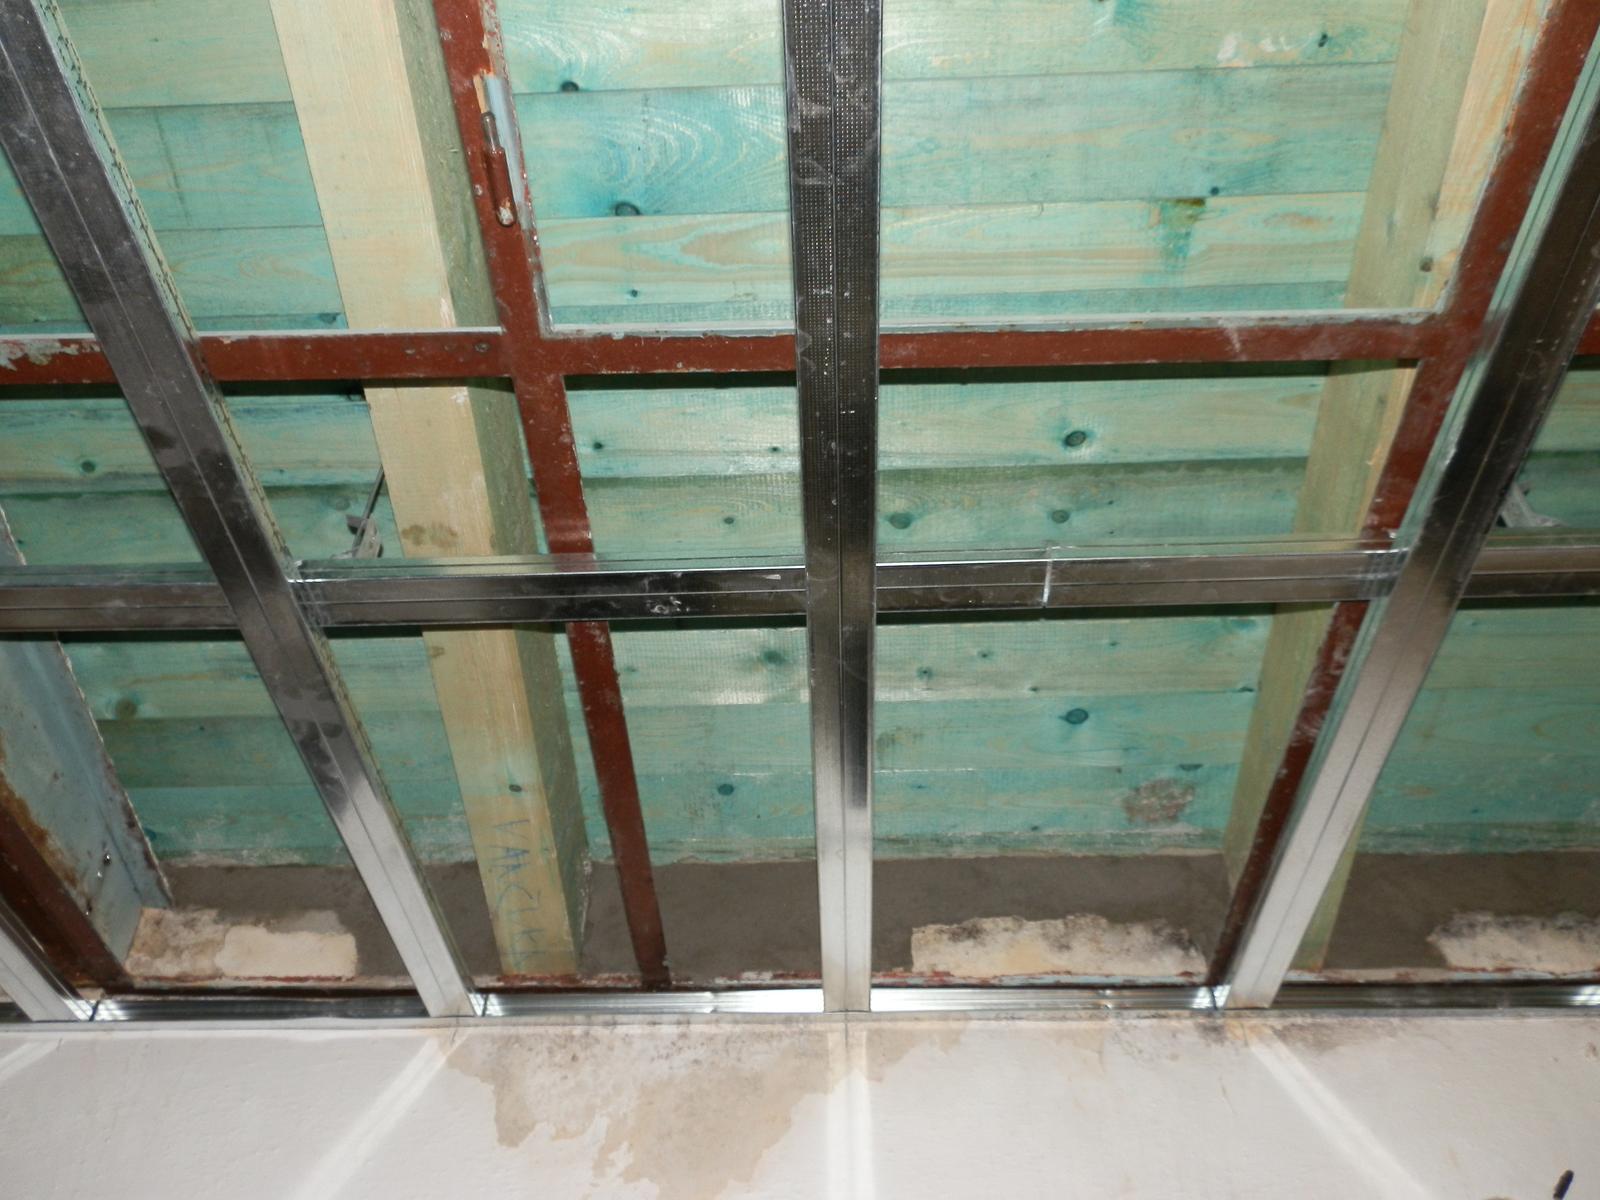 Náš byt v domě- rekonstrukce - Obrázek č. 86